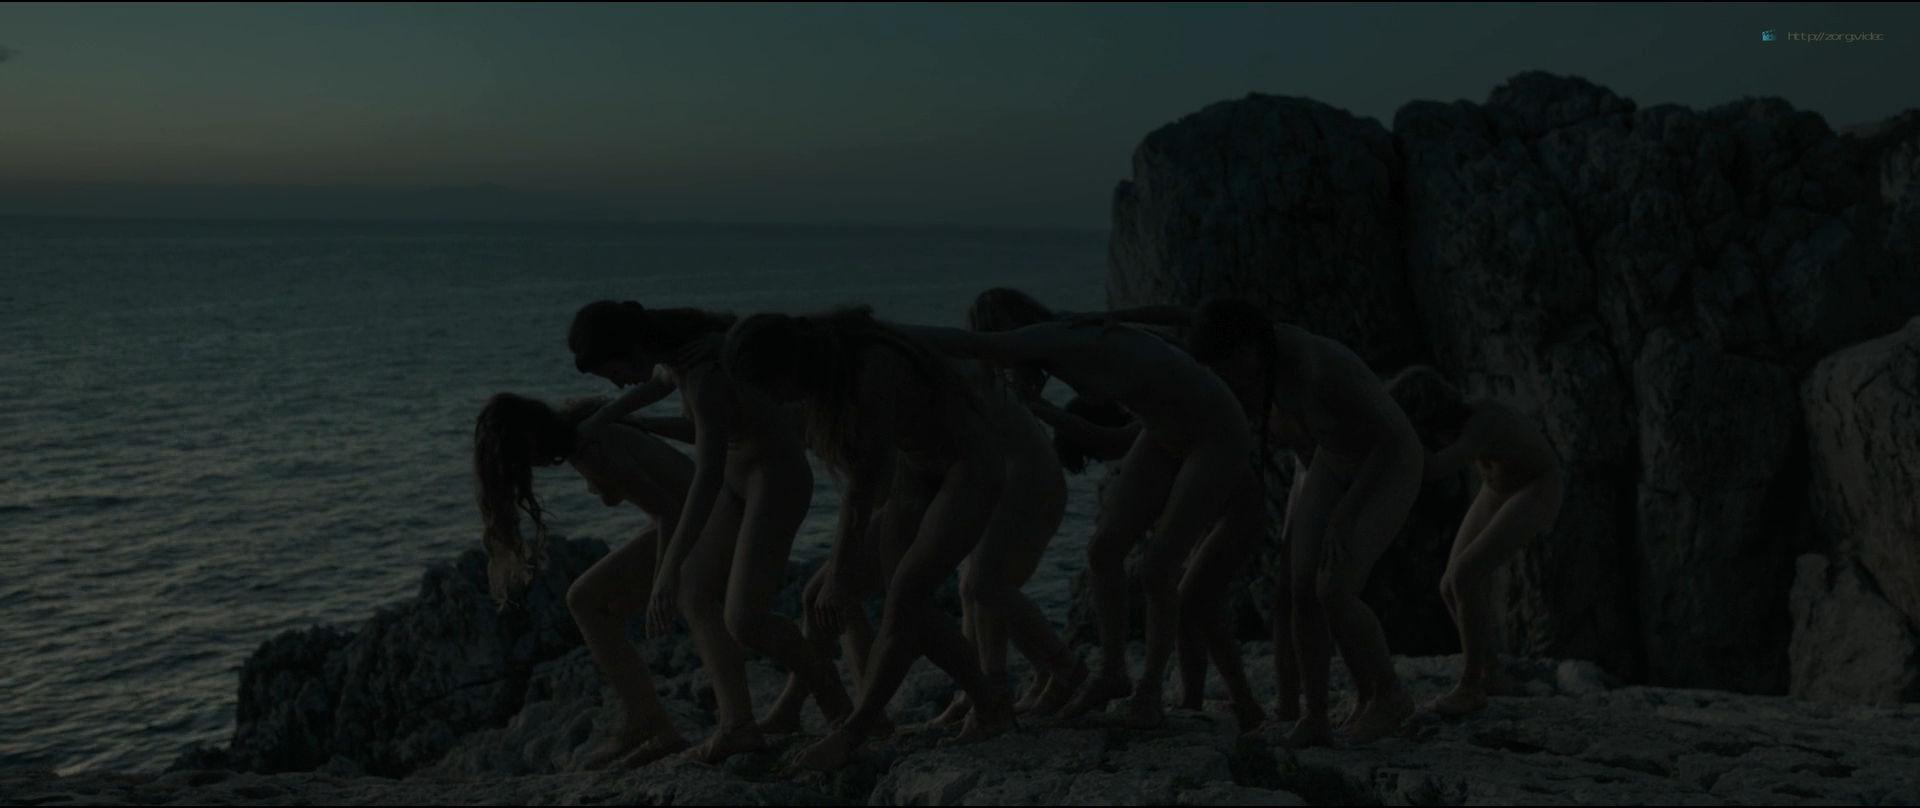 Marianna Fontana nude full frontal Jenna Thiam others nude - Capri-Revolution (2018) HD 1080p BluRay (18)